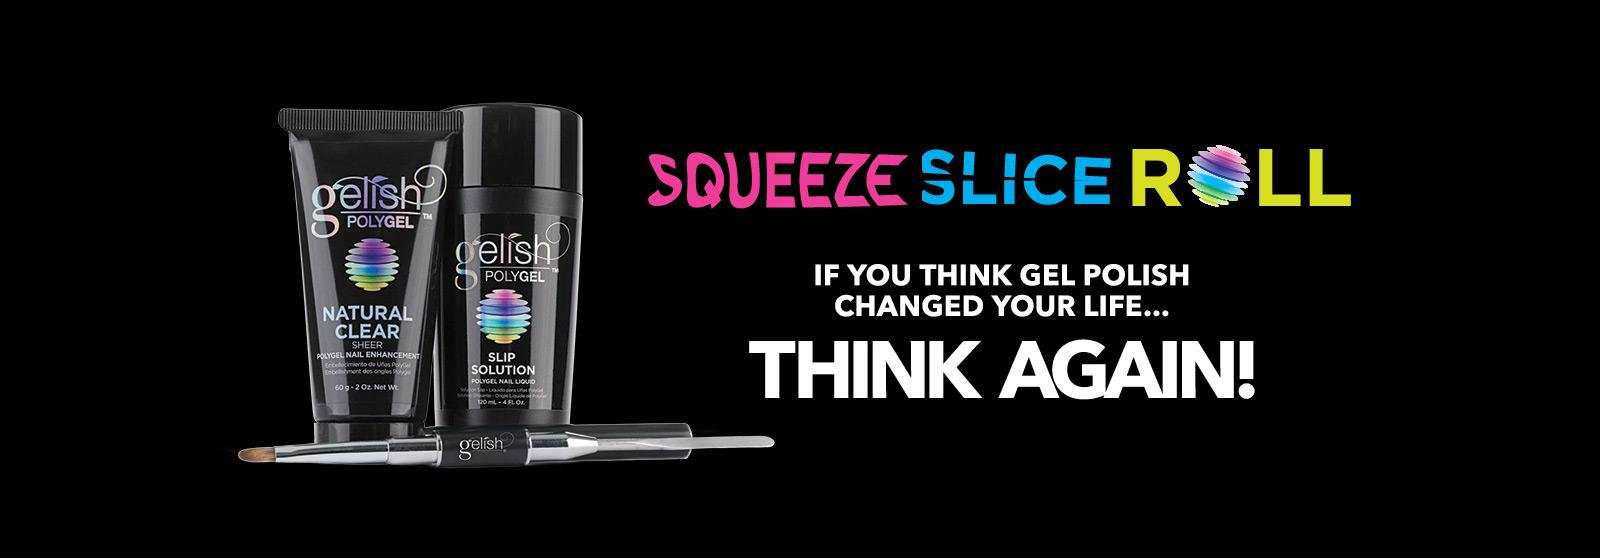 PolyGel Squeeze Slice Roll